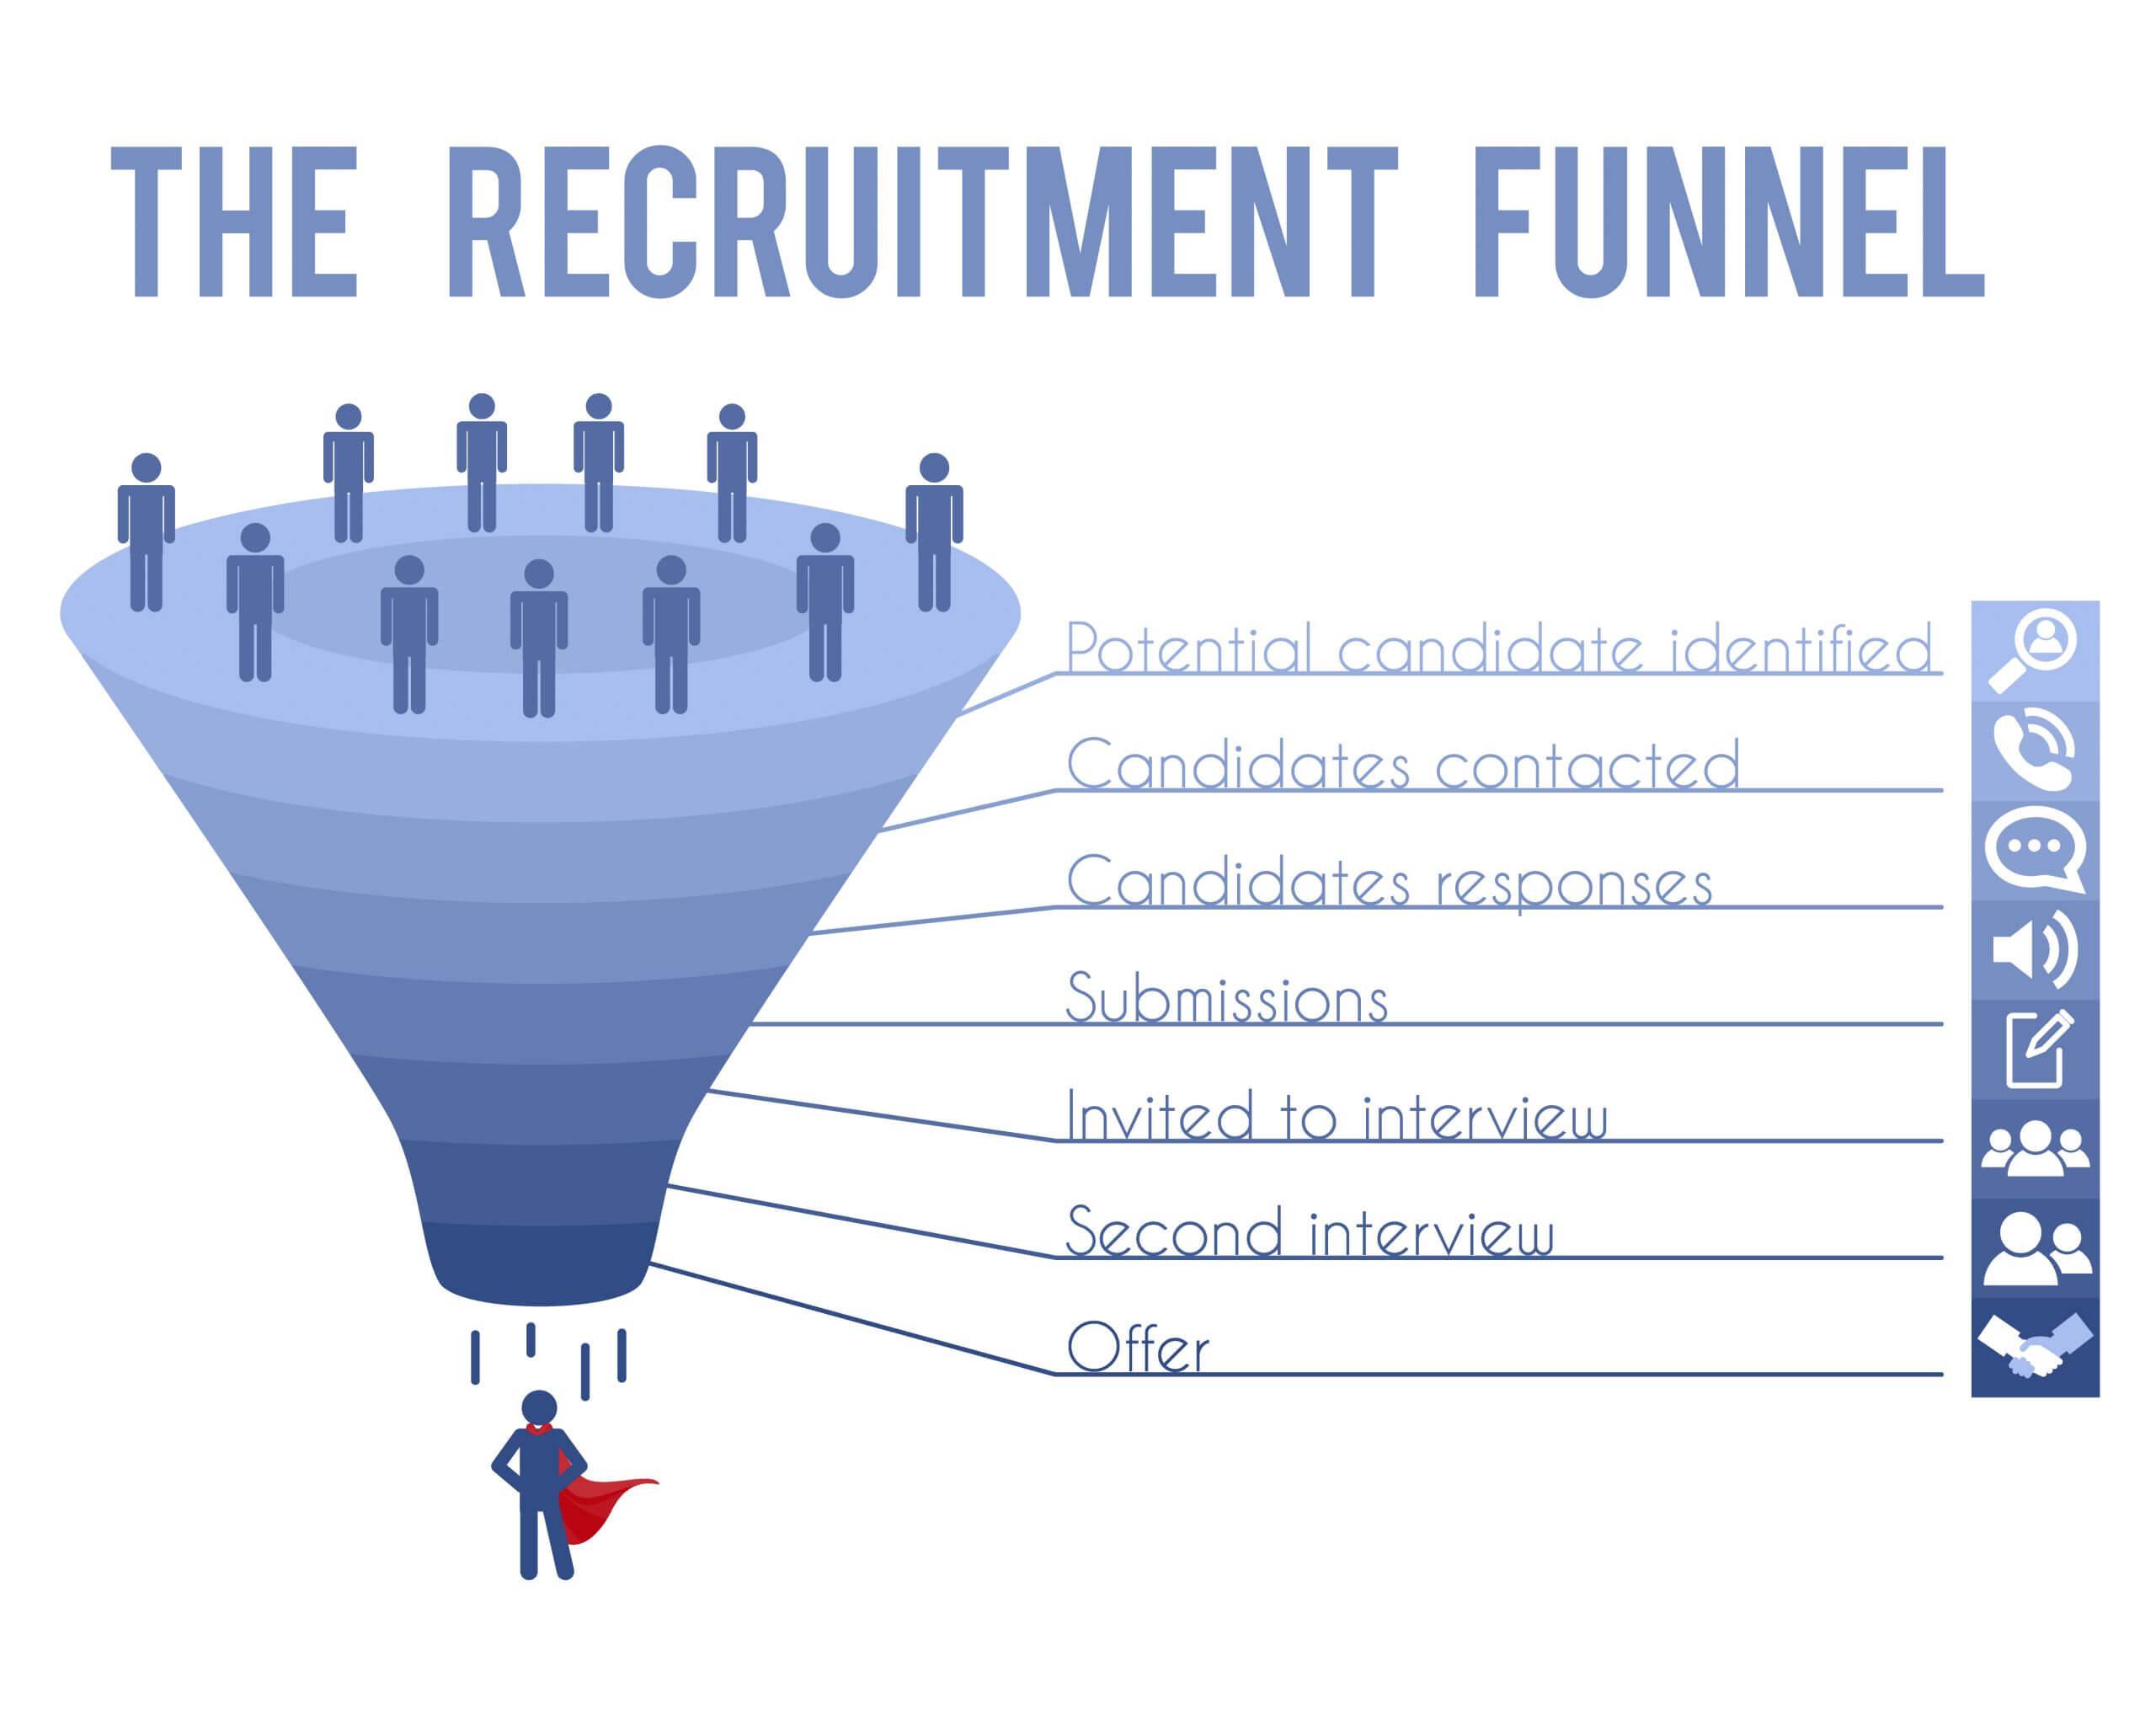 recruitment career funnel graphic